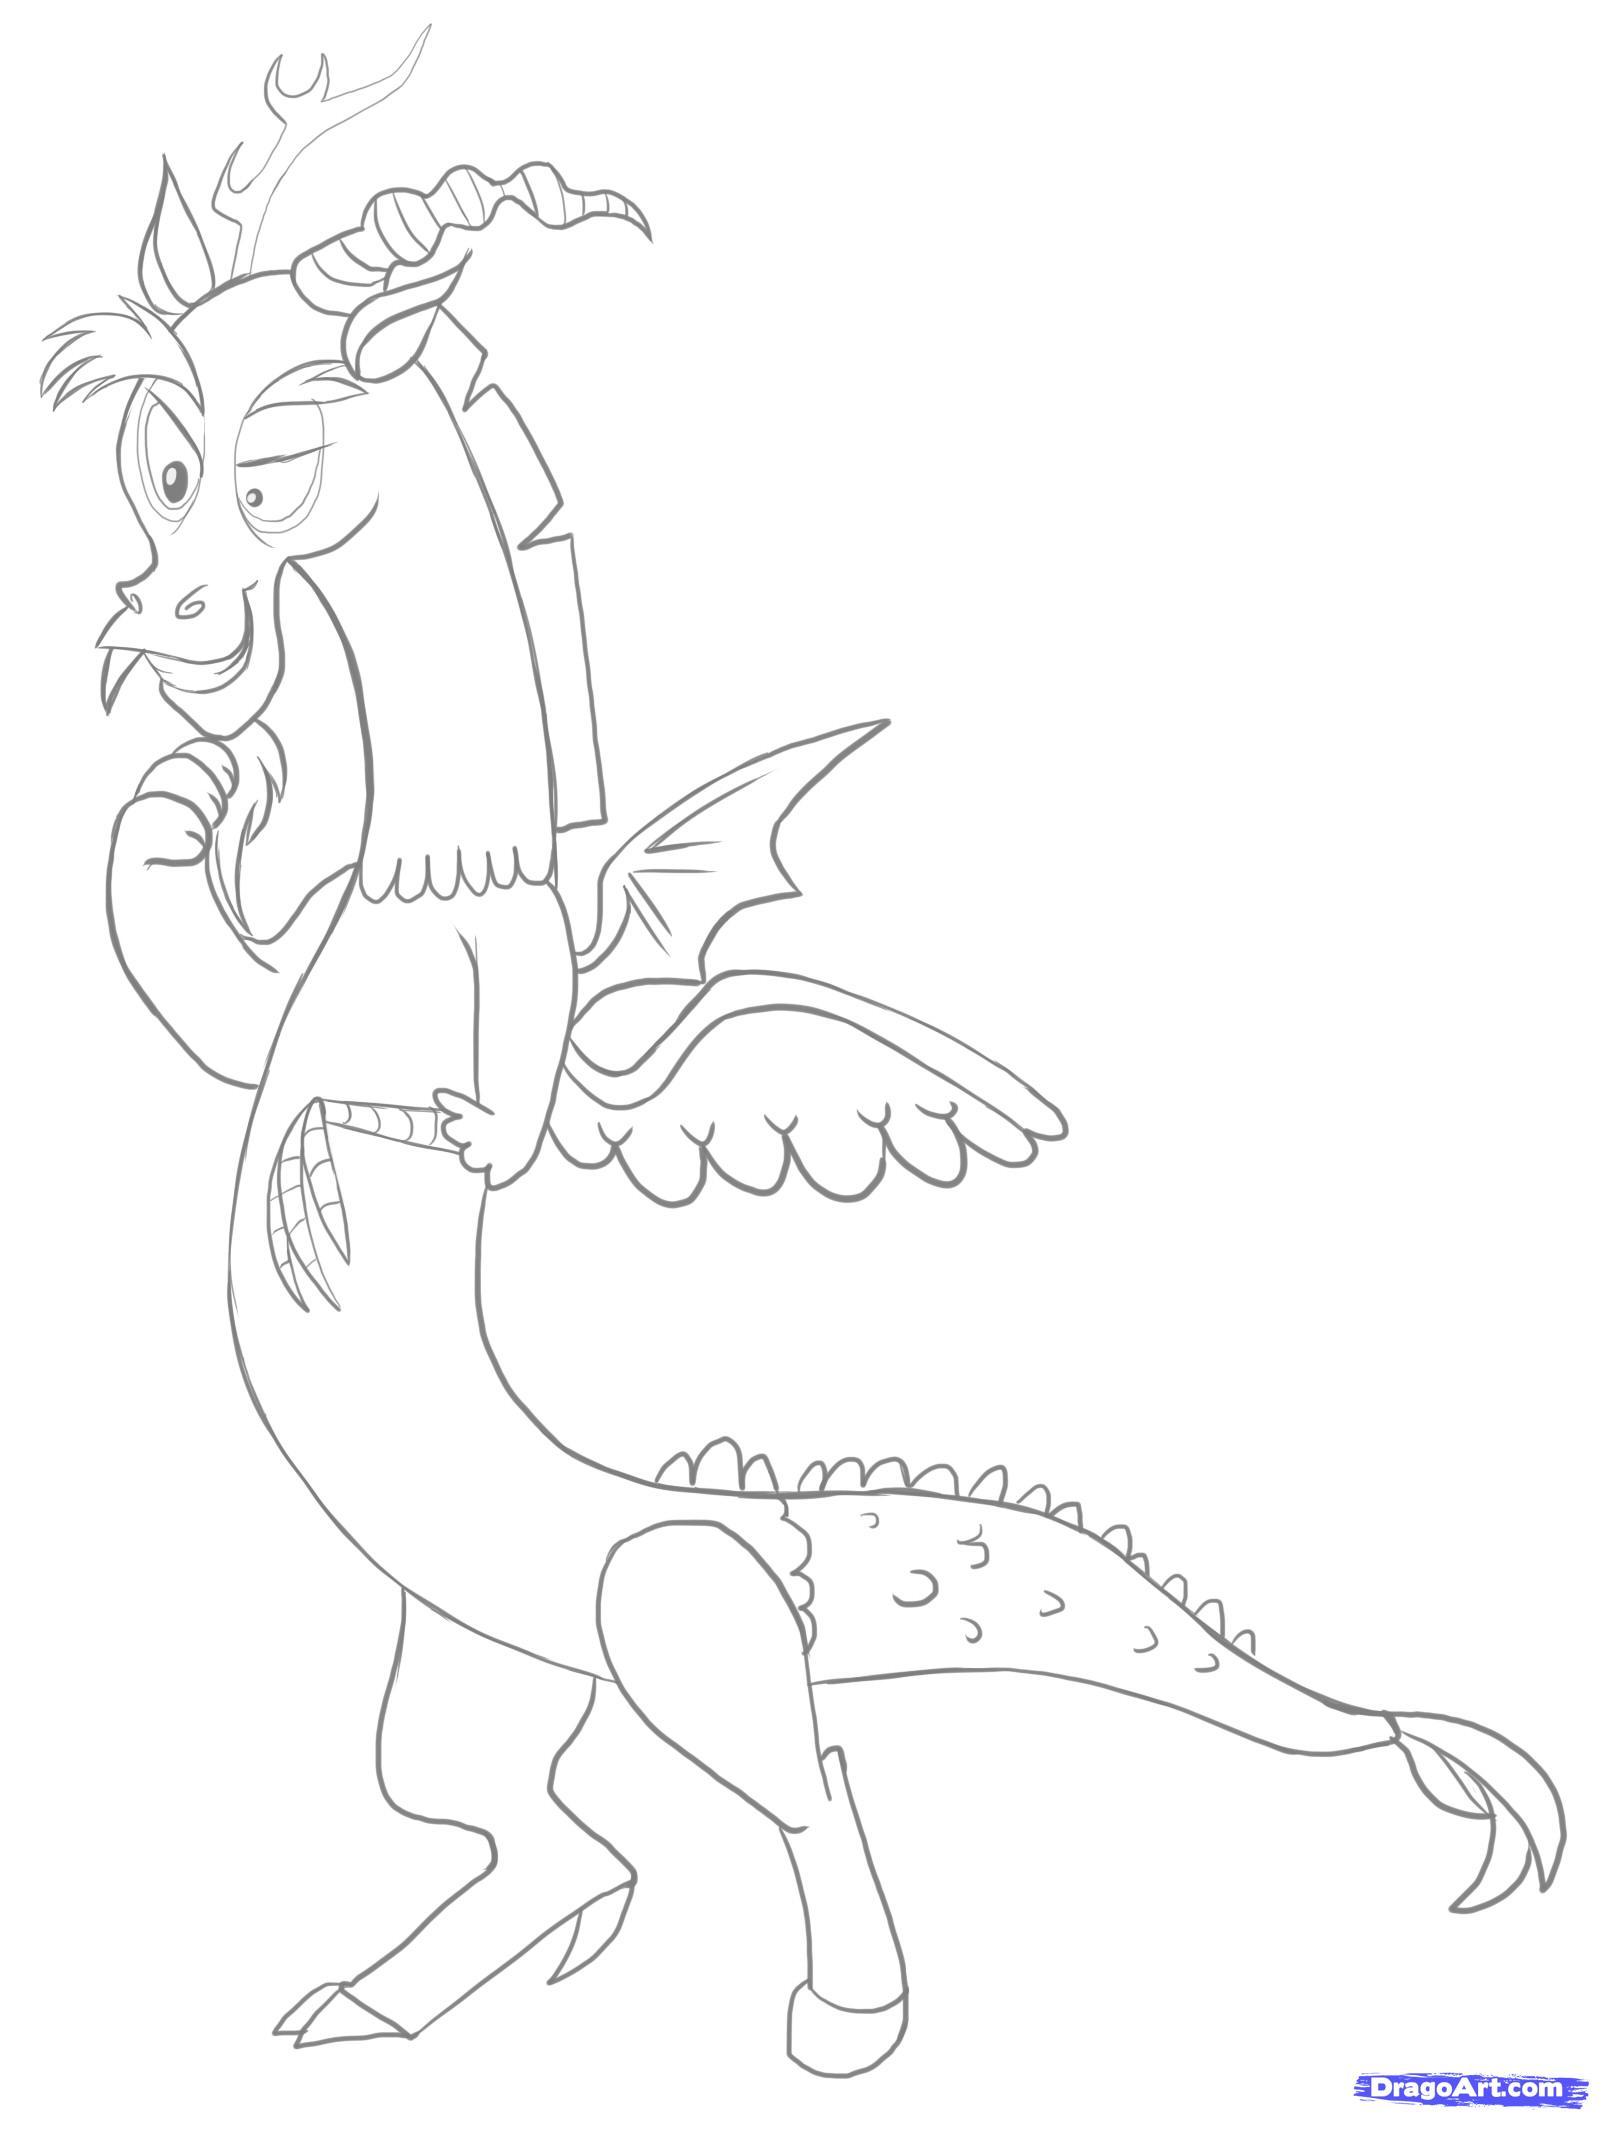 Drawn pony line art Step Draw How  Discord